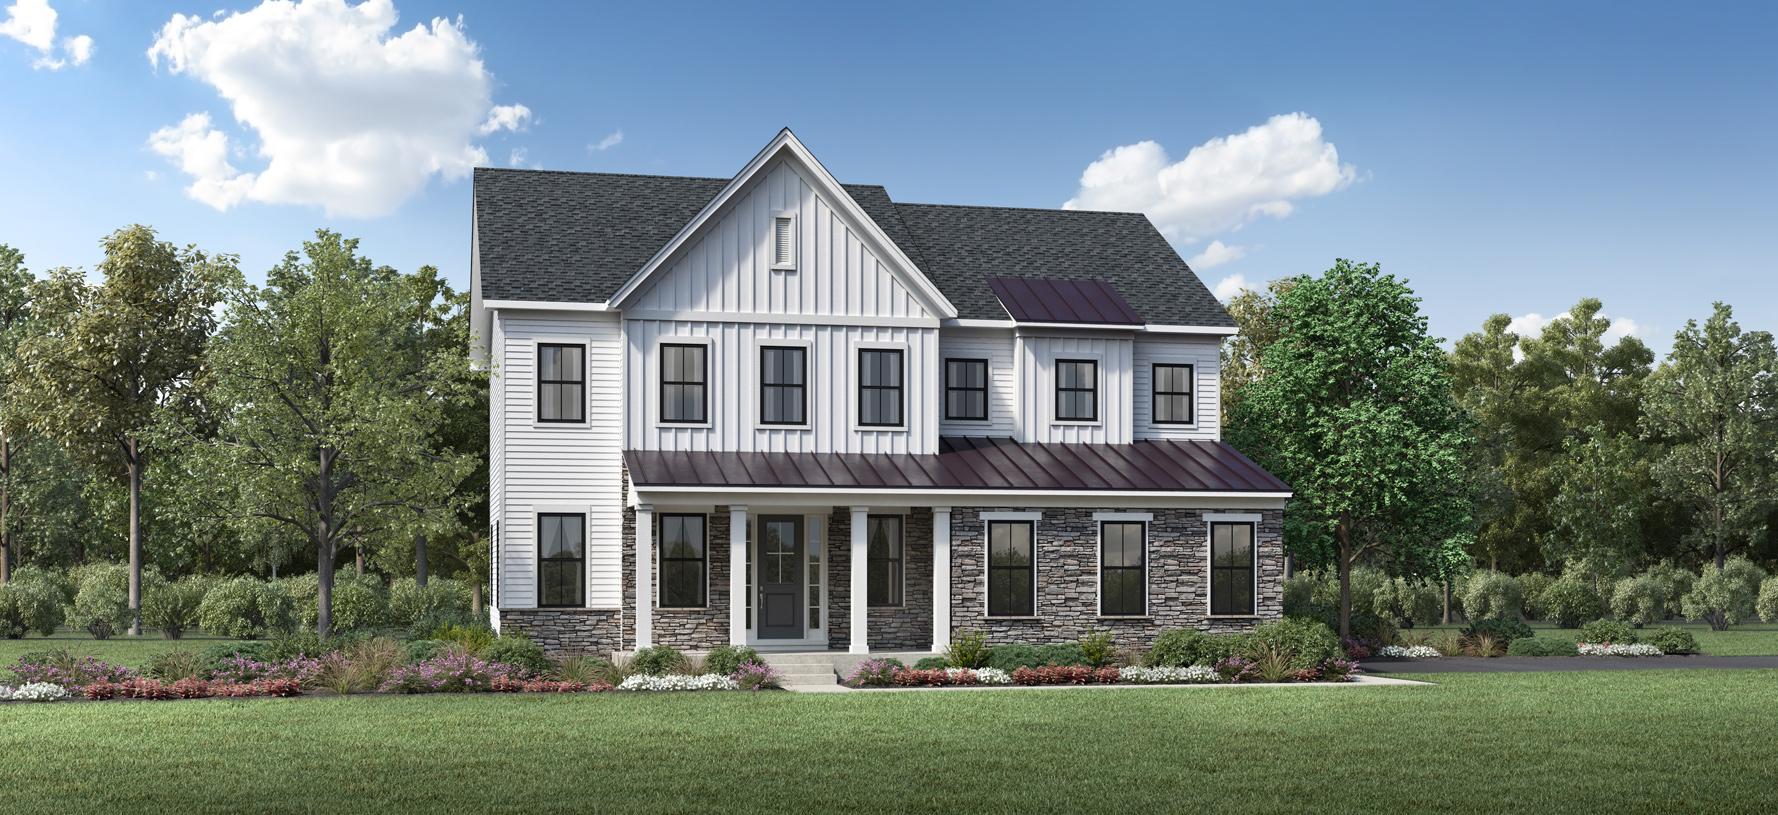 Lyndell -  Modern Farmhouse